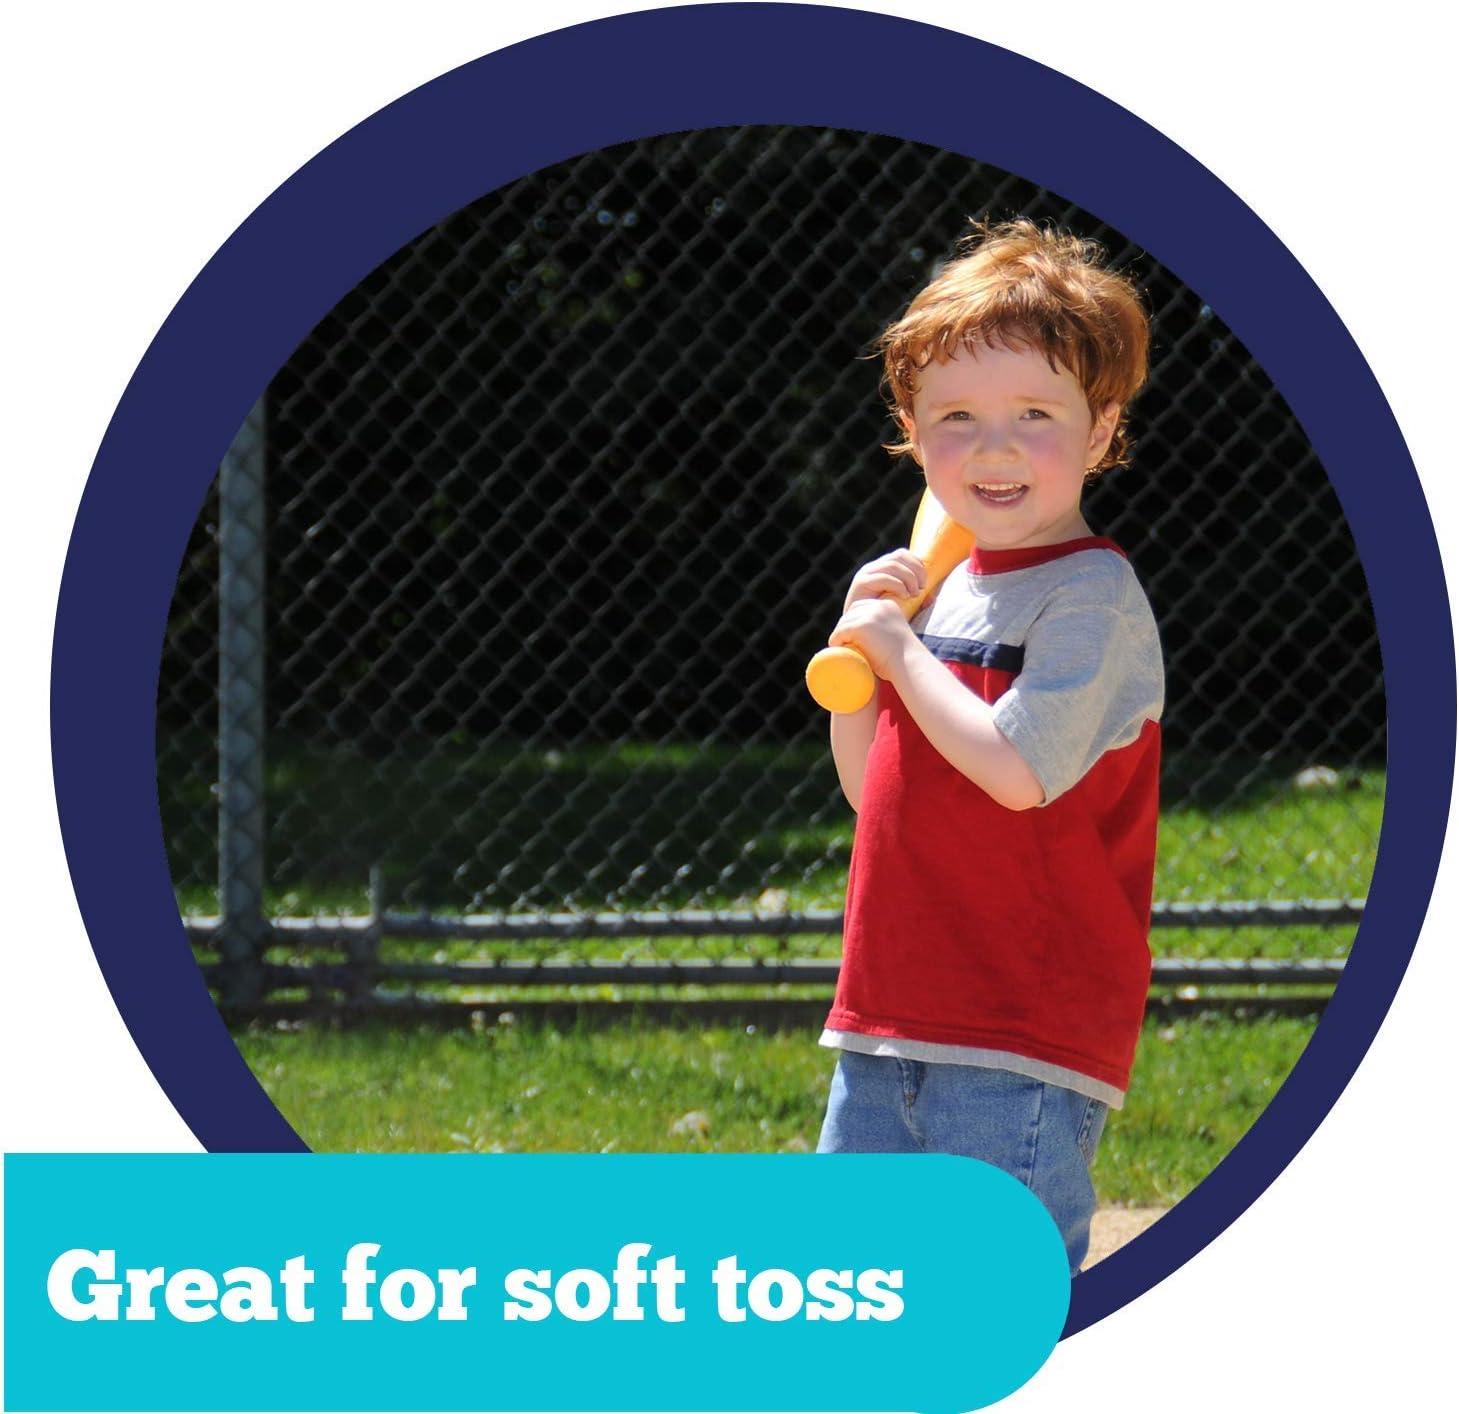 1 Great for Soft Toss Kids Baseball Practice Plastic Baseballs Oversized Toddler Baseball Bat /& Tball Practice or Developing Skills Toddler Baseball Set for Beginners: Plastic 3